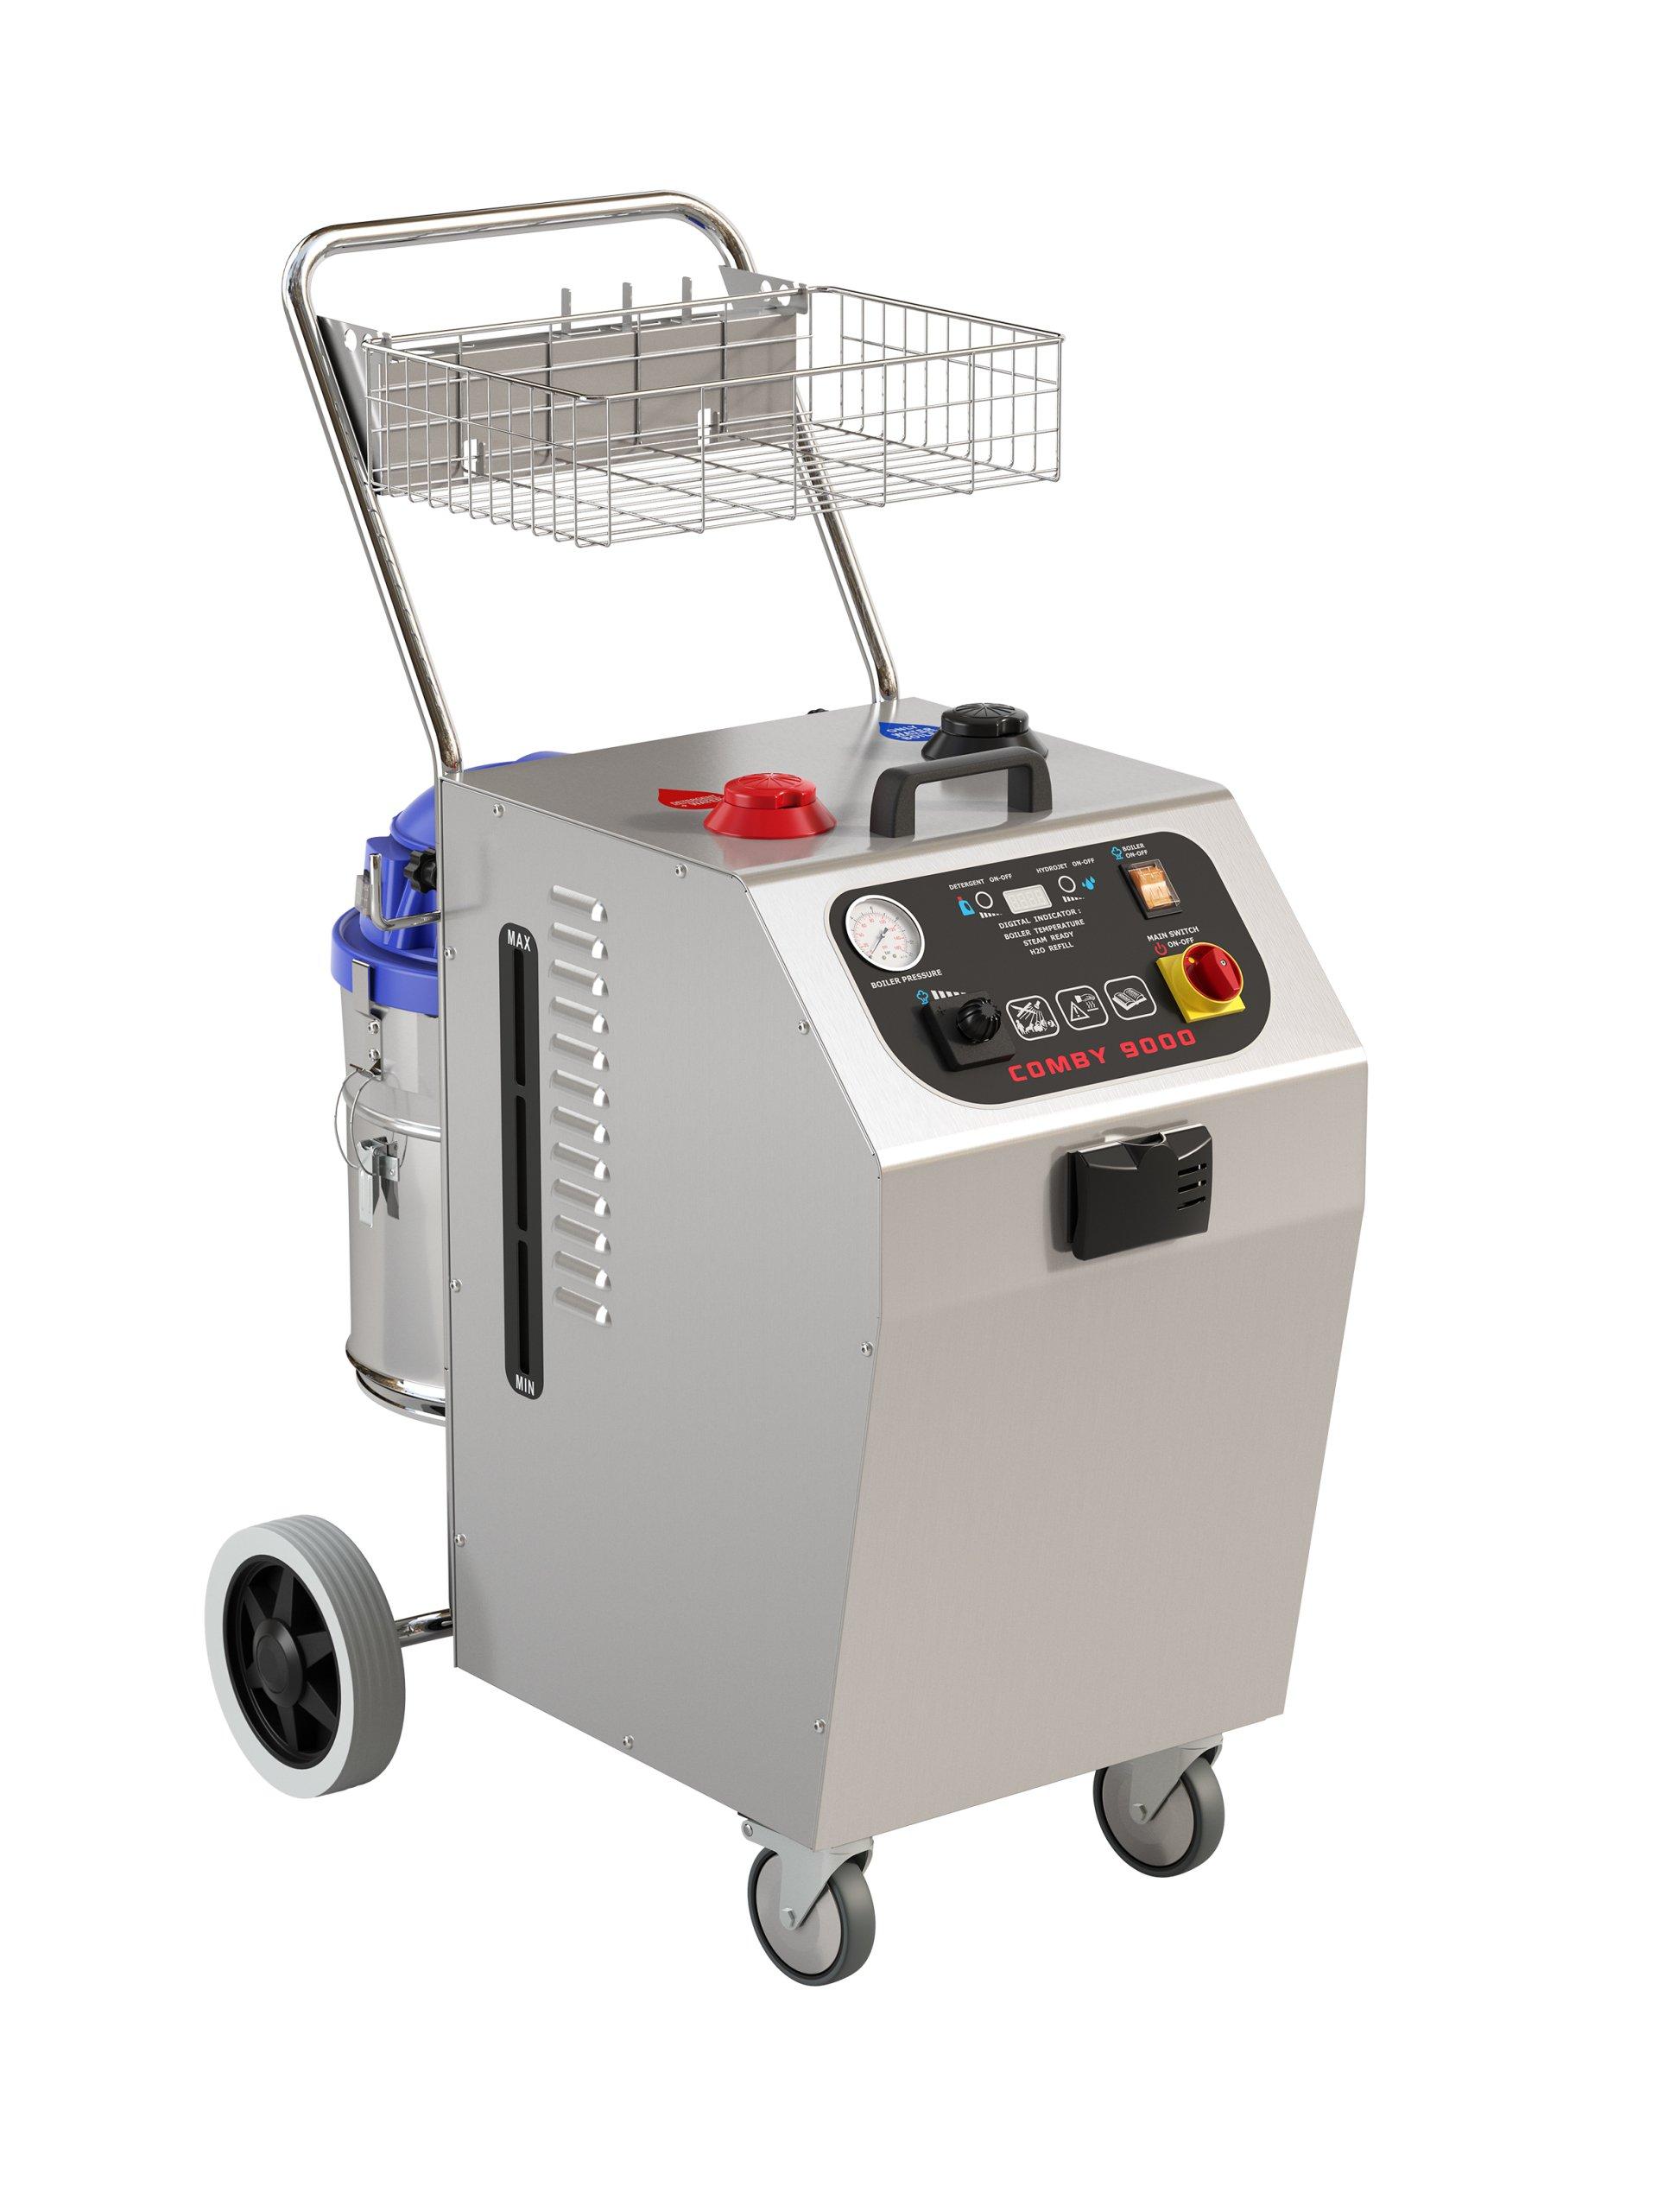 Generatore di vapore COMBY 9000